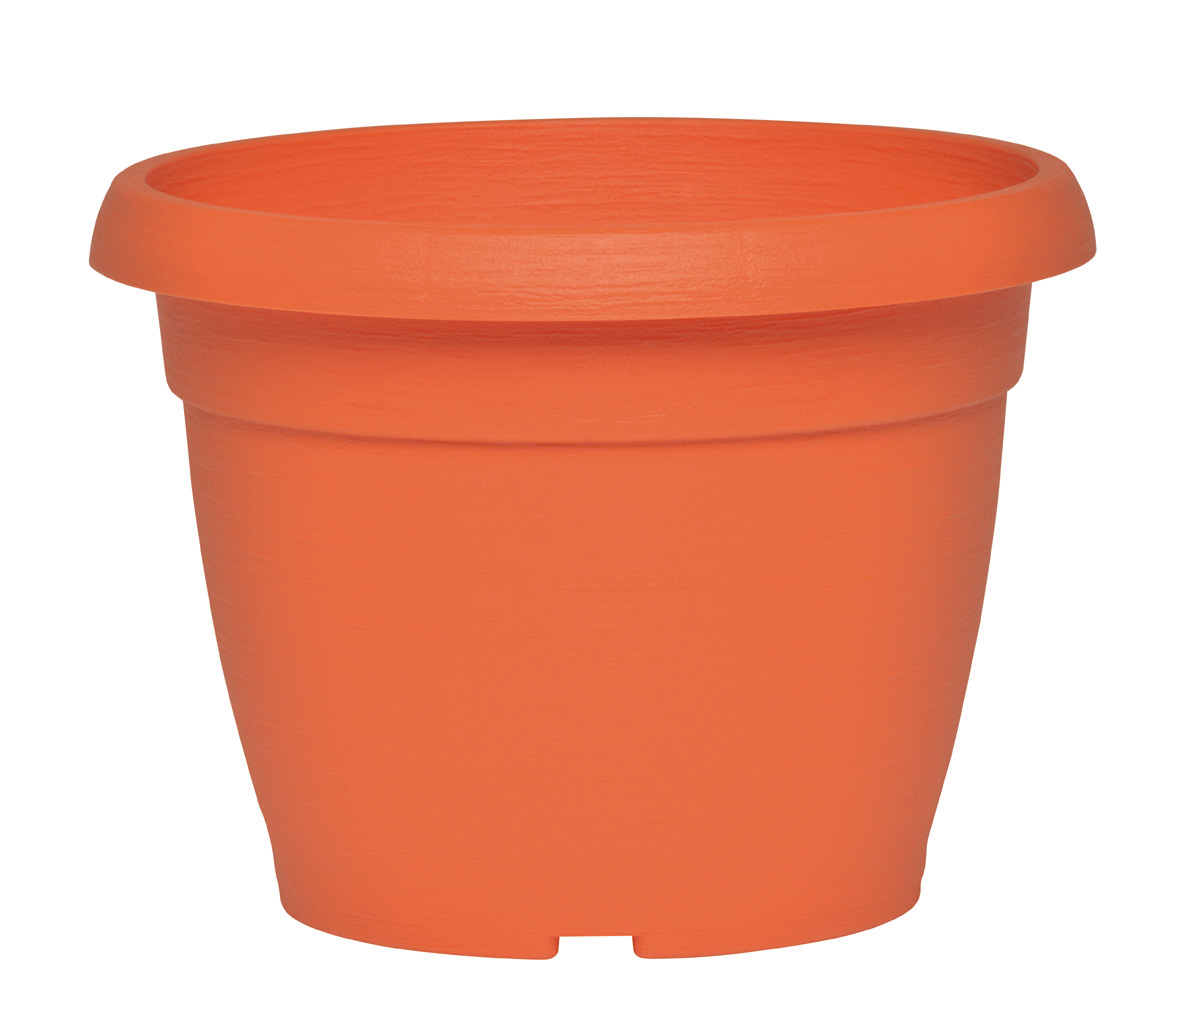 pot de fleurs orange poterie pots de fleurs bacs. Black Bedroom Furniture Sets. Home Design Ideas